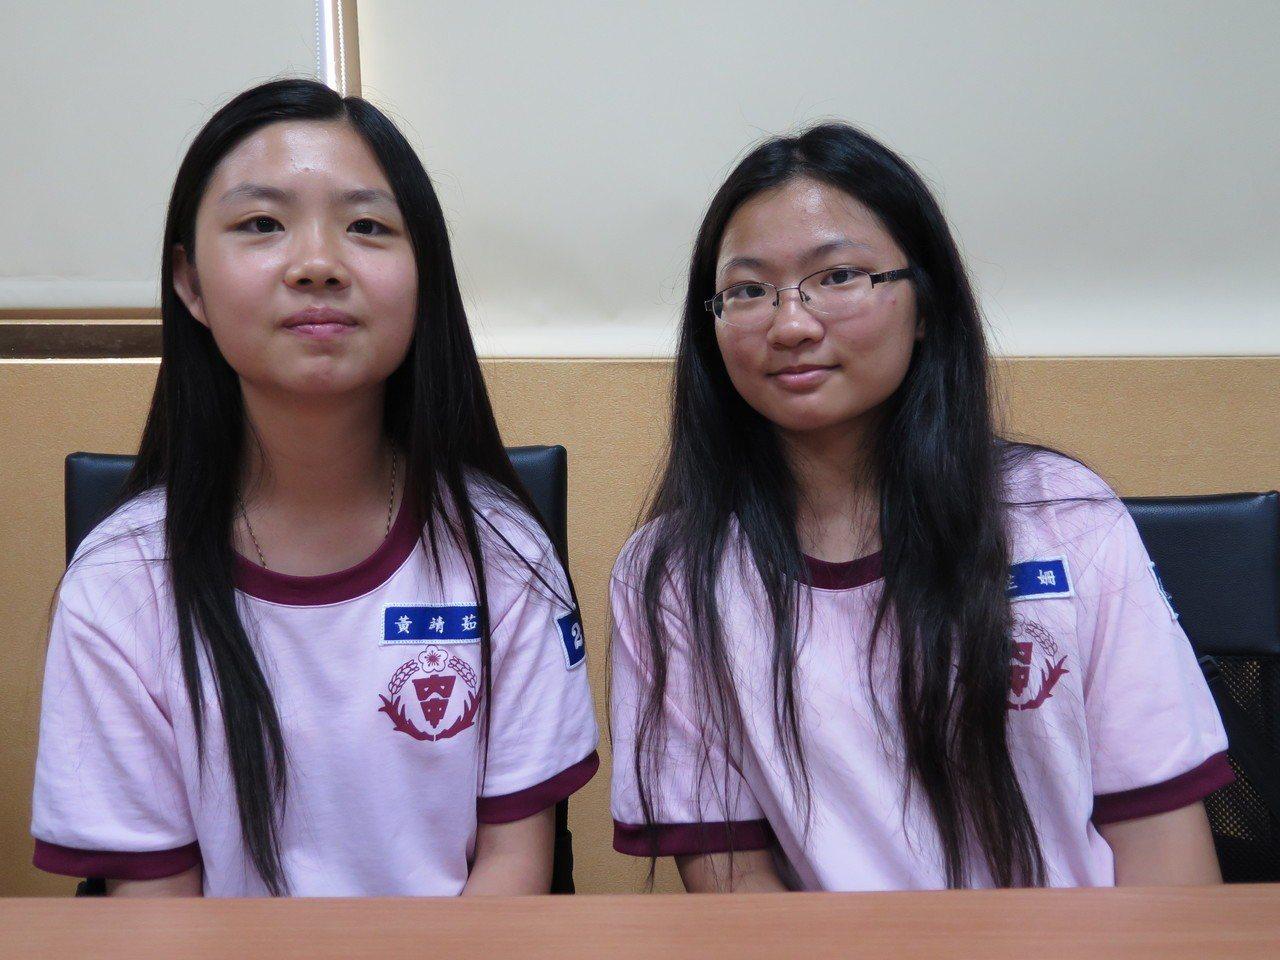 內壢國中學生黃靖茹(左)出身單親家庭,學生李芷姍(右)則罹患糖尿病,兩人都在逆境...